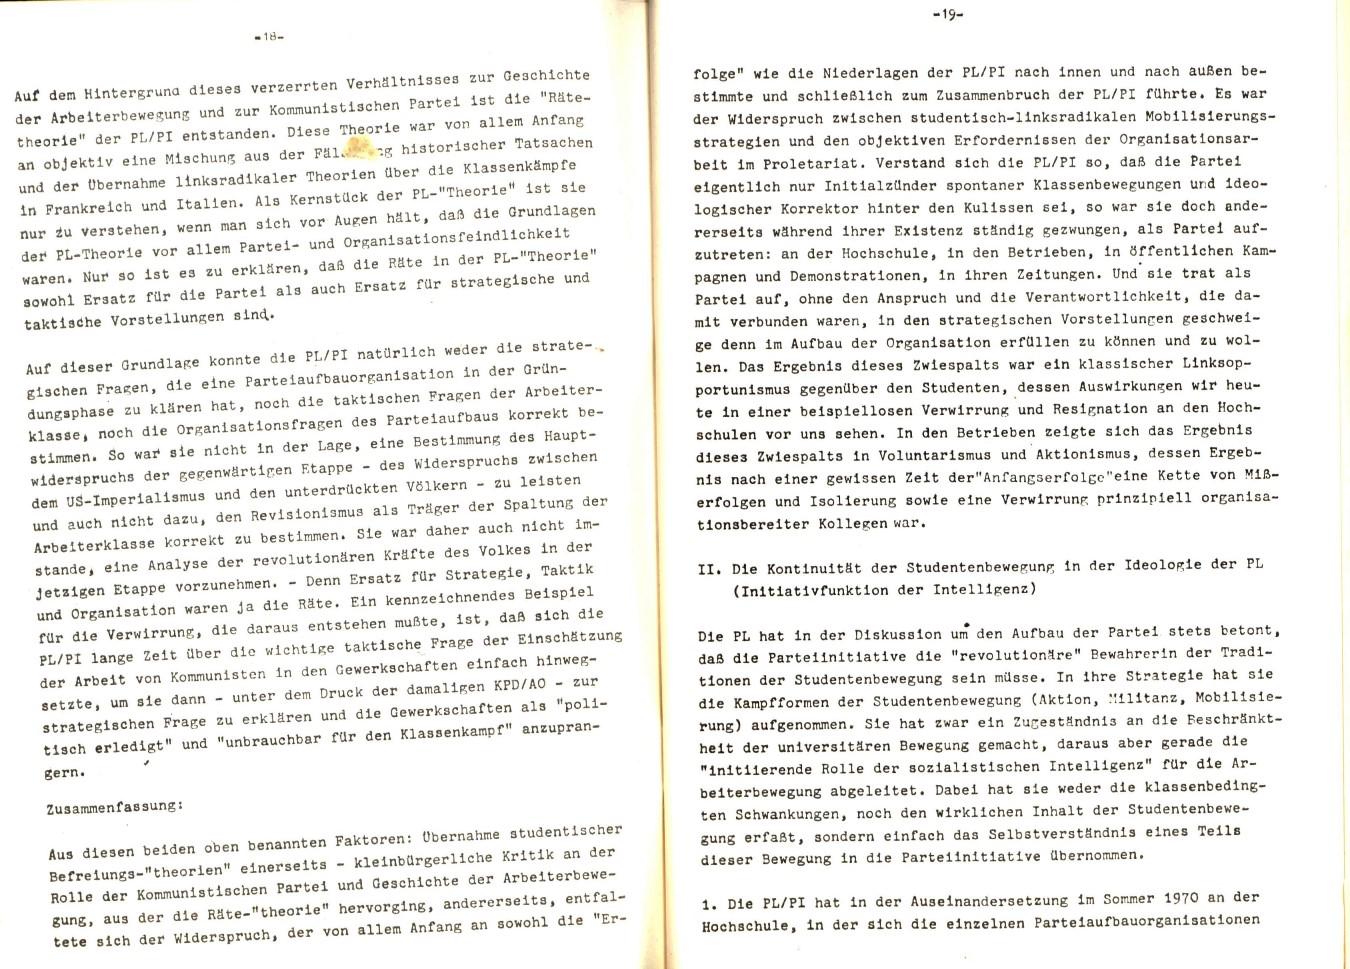 PLPI_1971_Aufloesung_12